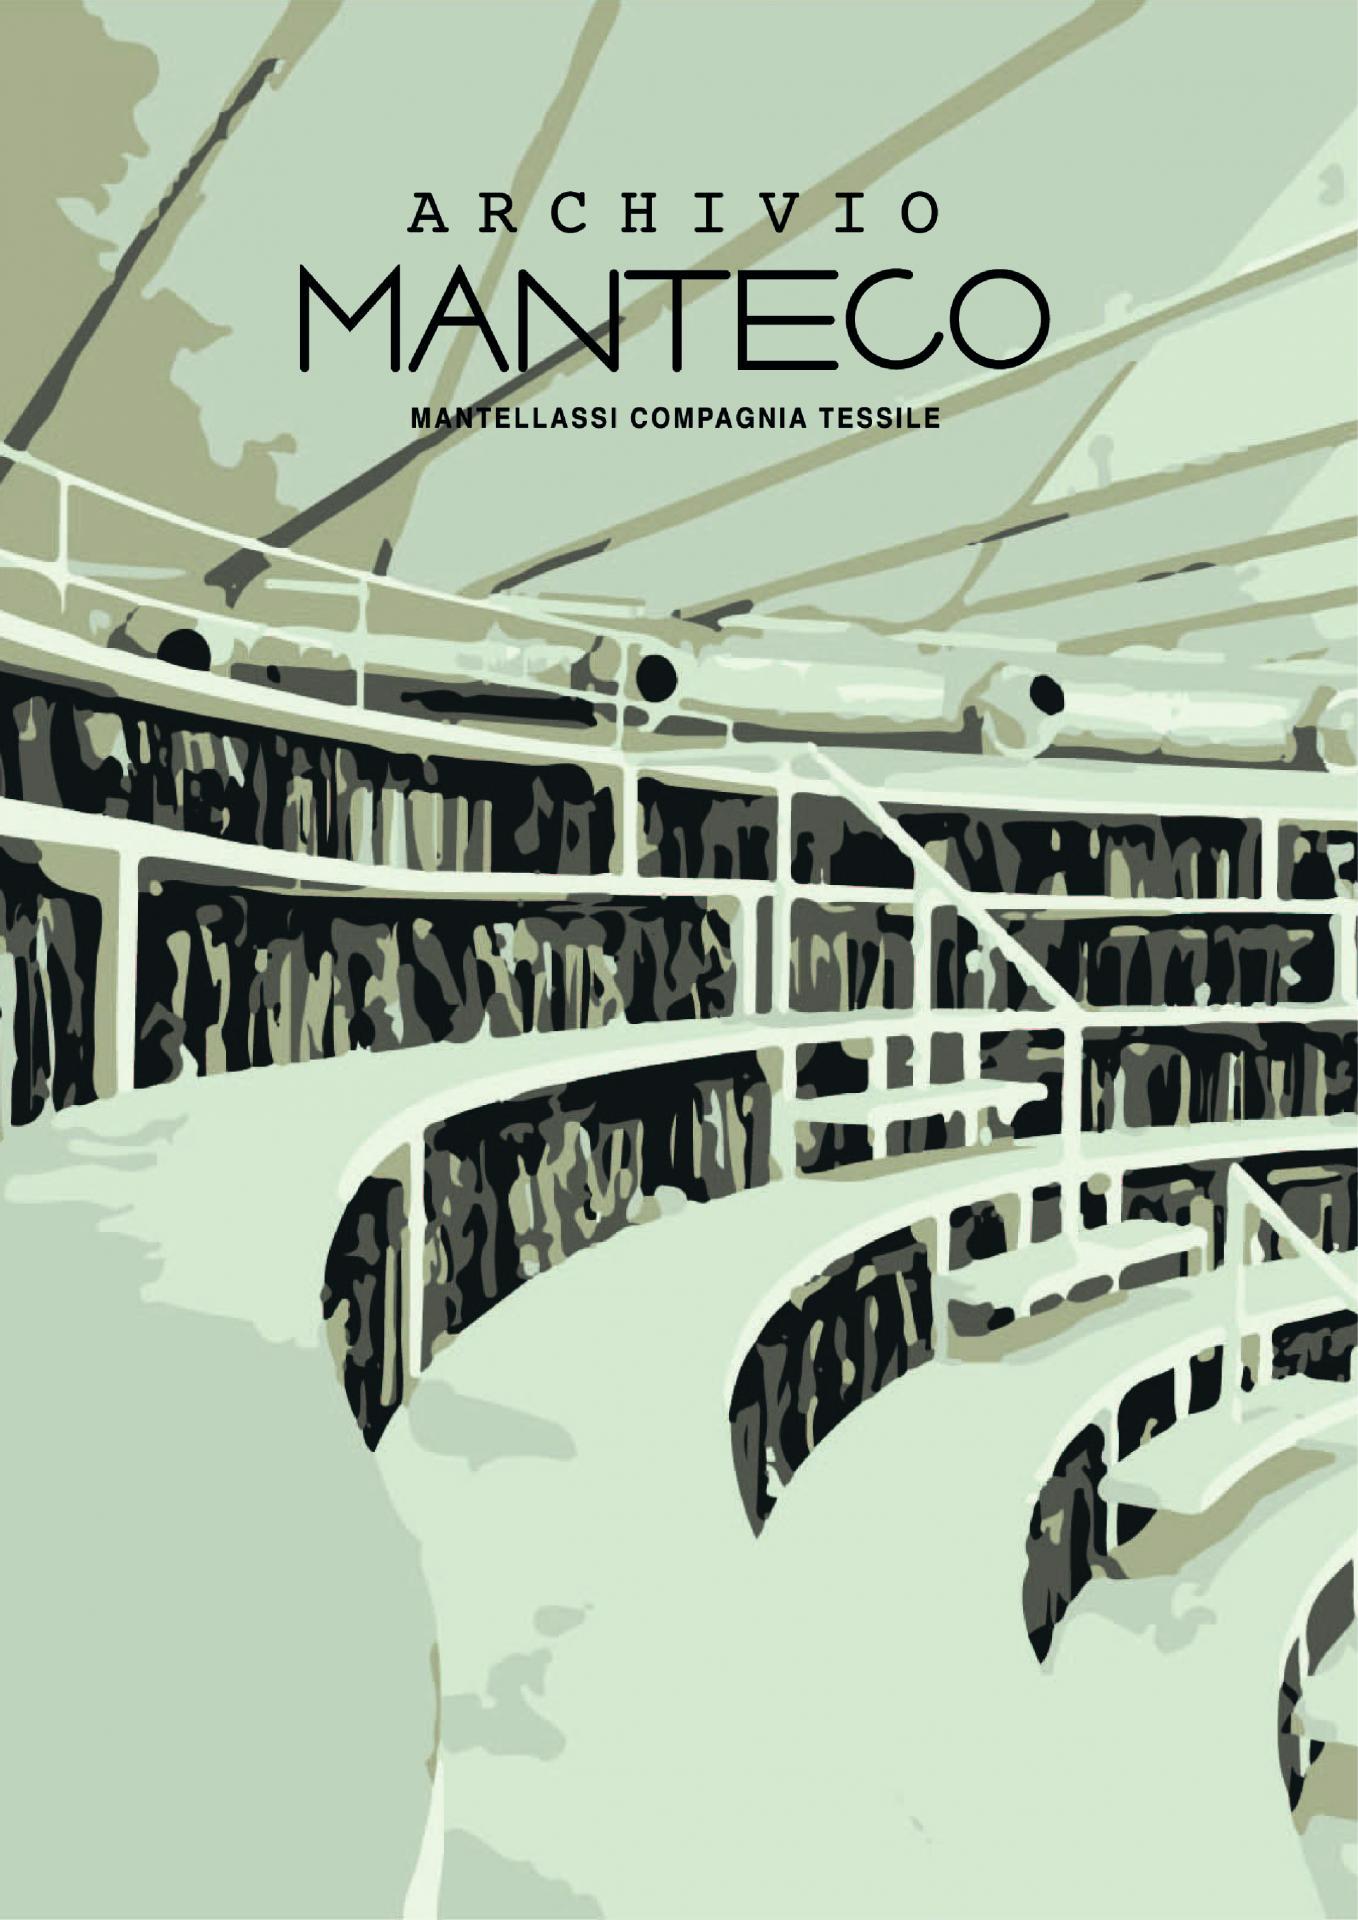 Manteco launches its unique Archivio Manteco to celebrate the 75th corporate anniversary